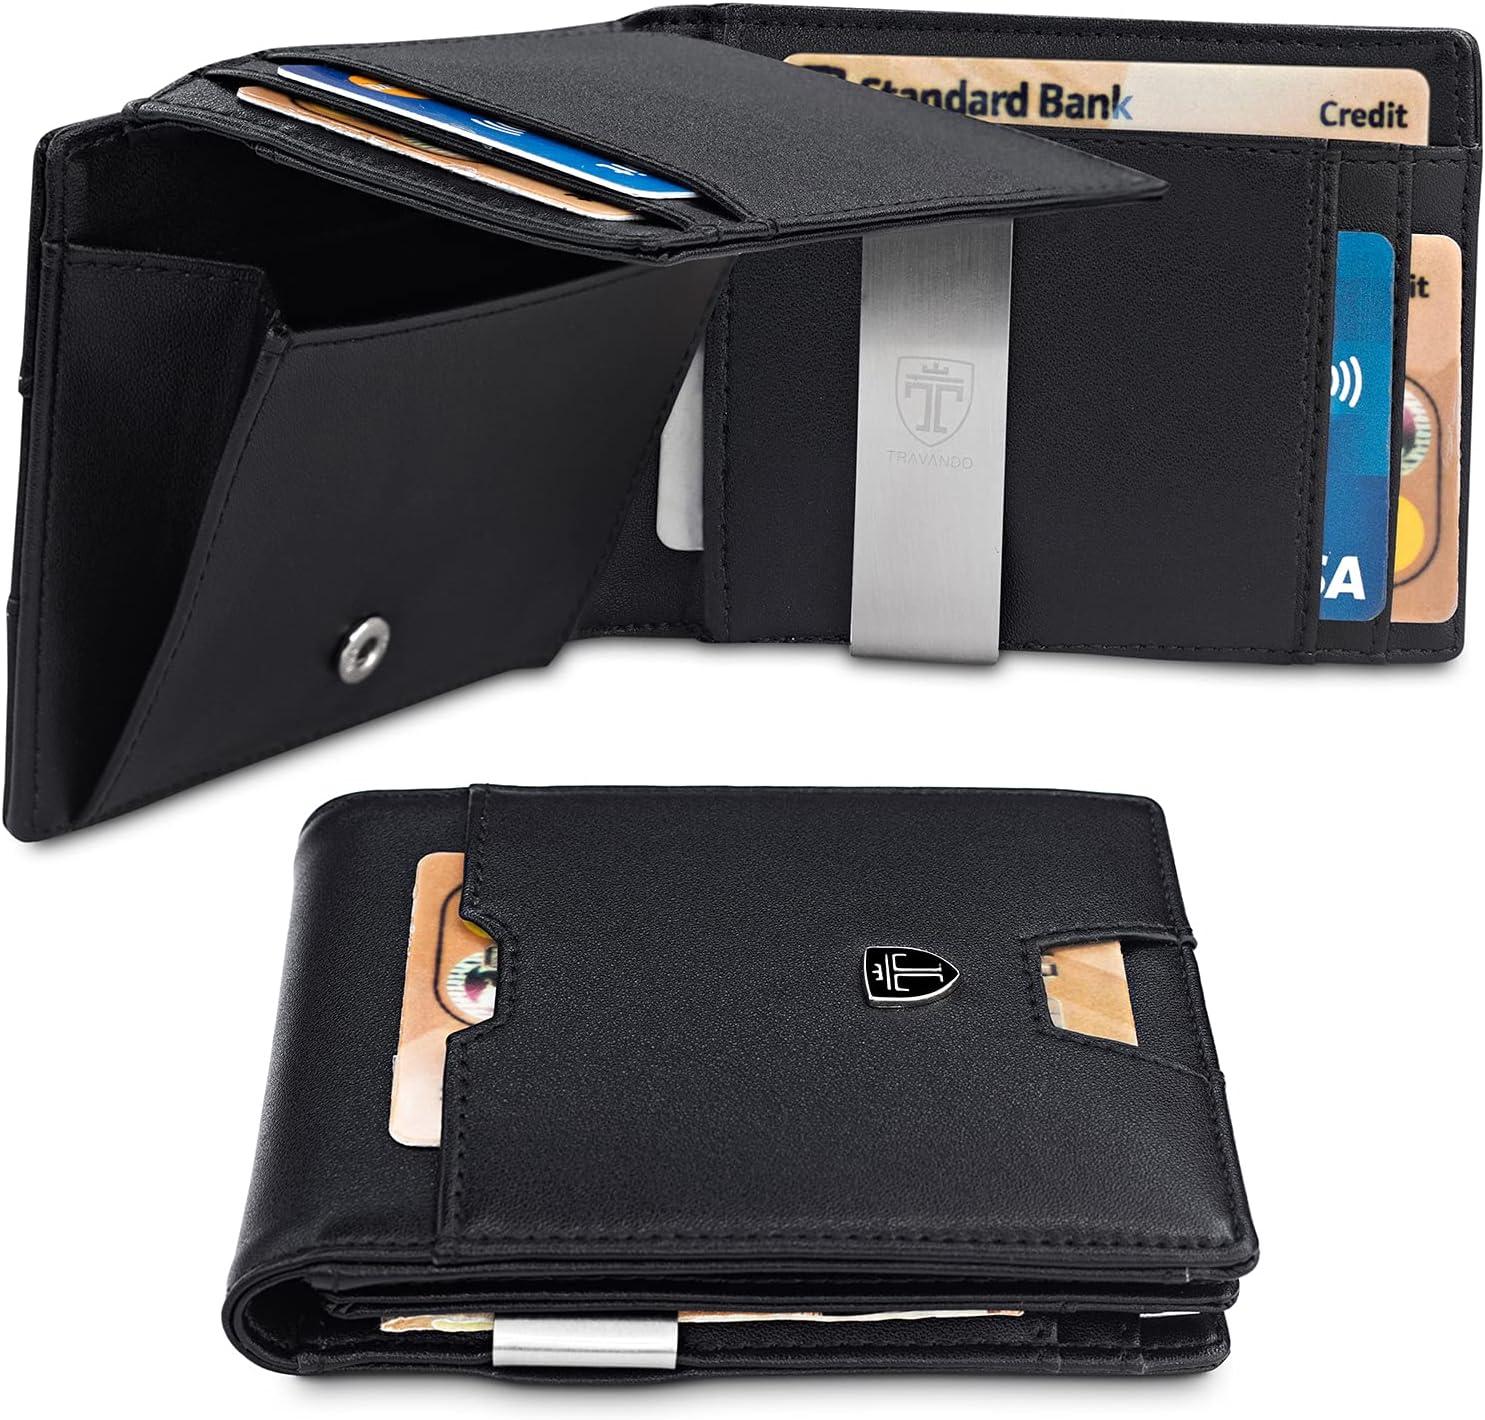 TRAVANDO Cartera con Pinza para Billetes Brisbane Bloqueo RFID - Tarjetero Hombre Slim - Billetero (Negro)